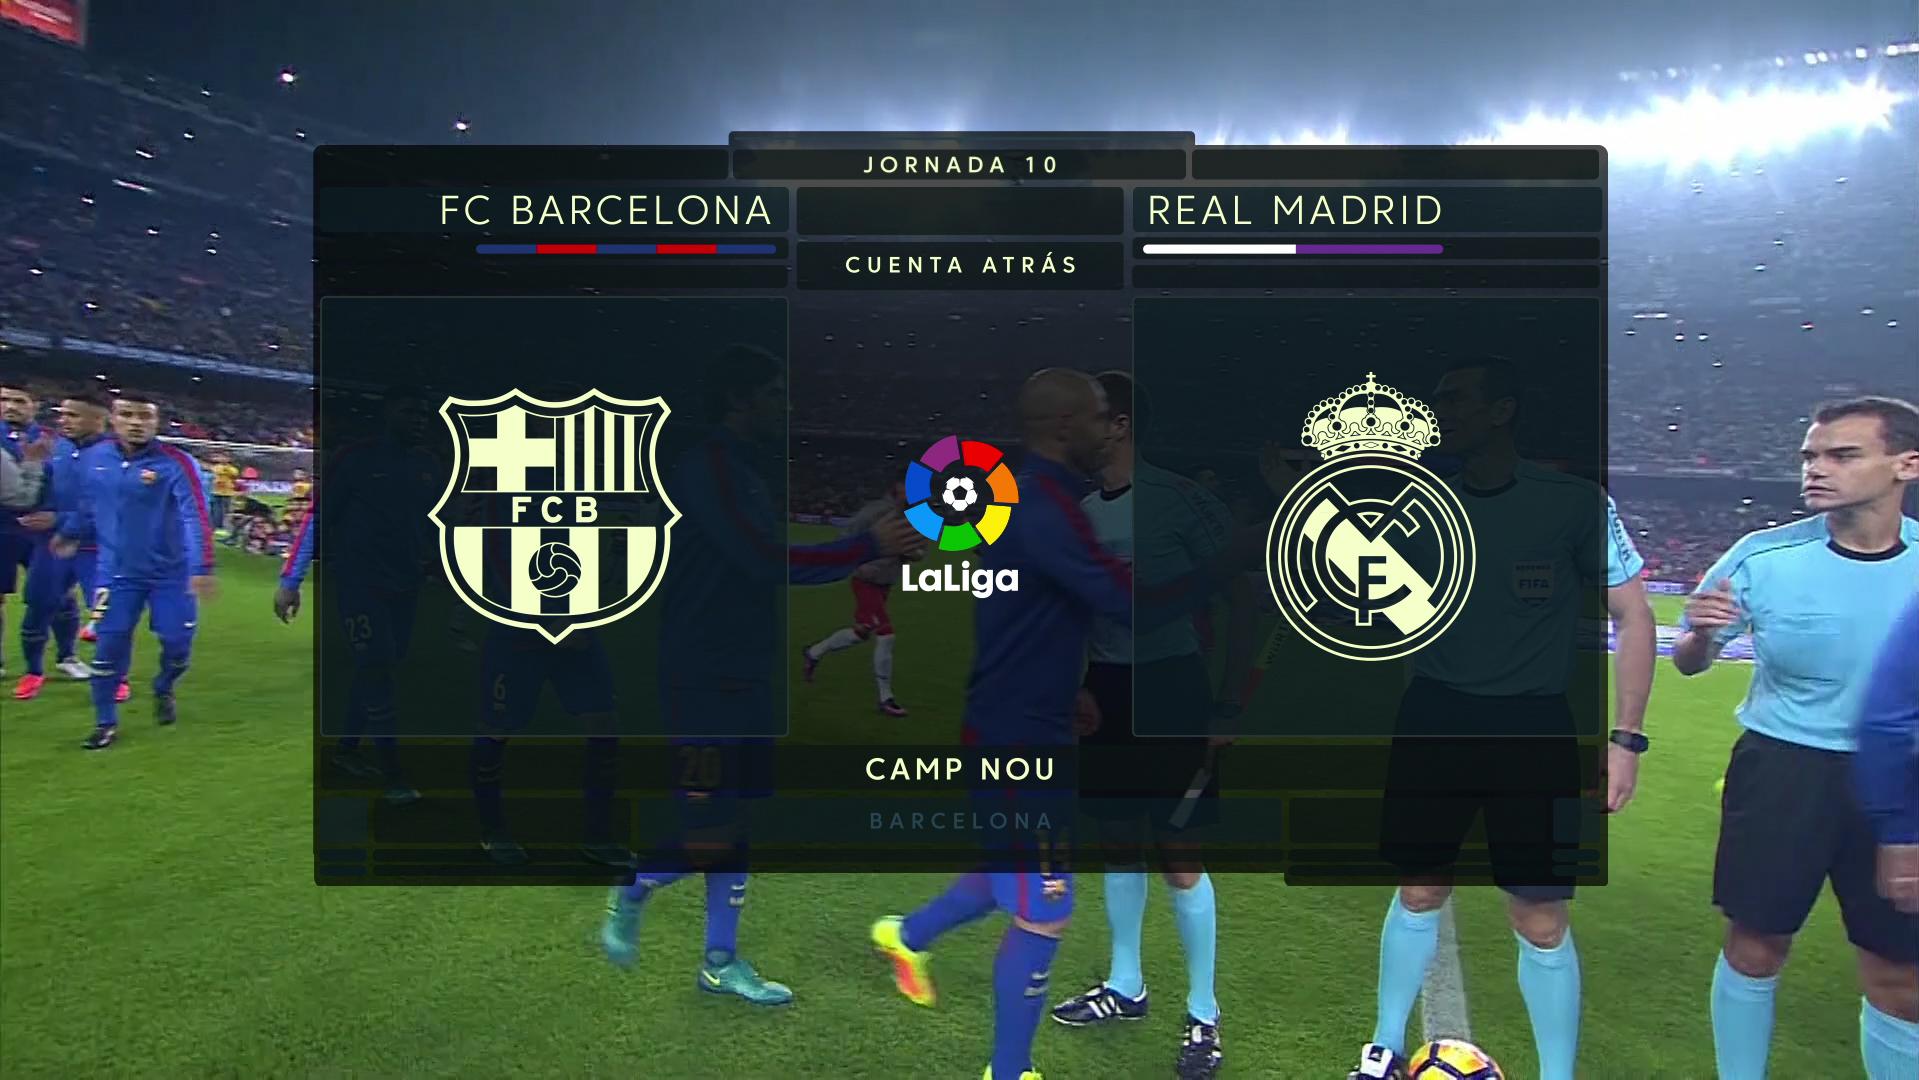 Calcio&Finanza: Spagna, il calcio in tv (con Mediapro), costa 17 euro al mese